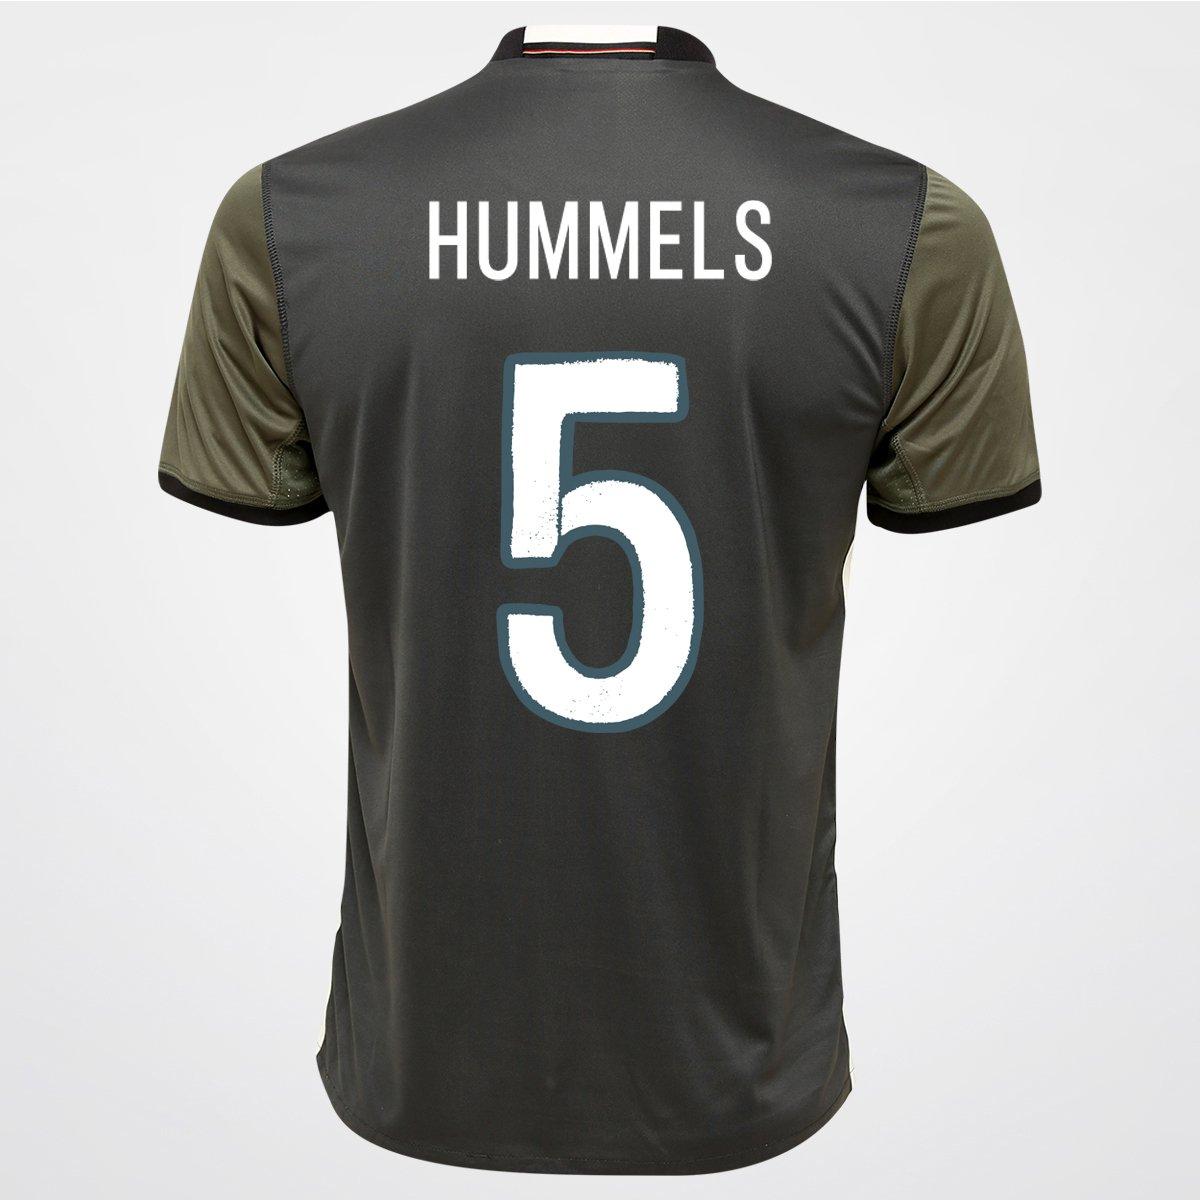 Camisa Adidas Seleção Alemanha Away 2016 nº 5 - Hummels - Compre Agora  1fa98c8076c33